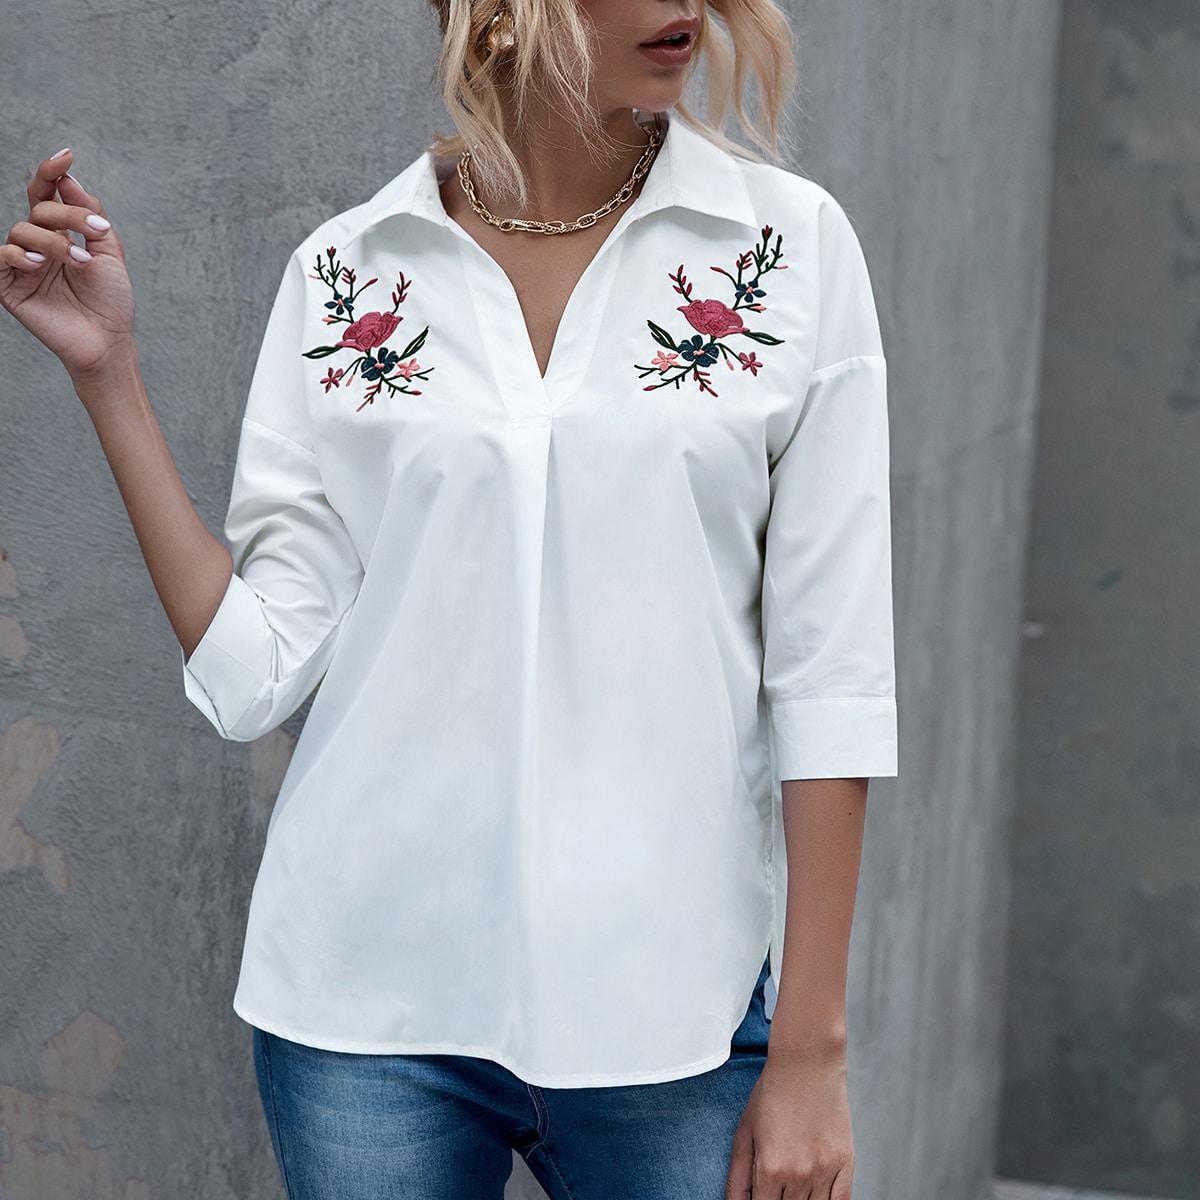 Белый с вышивкой Цветочный Повседневный Блузы фото